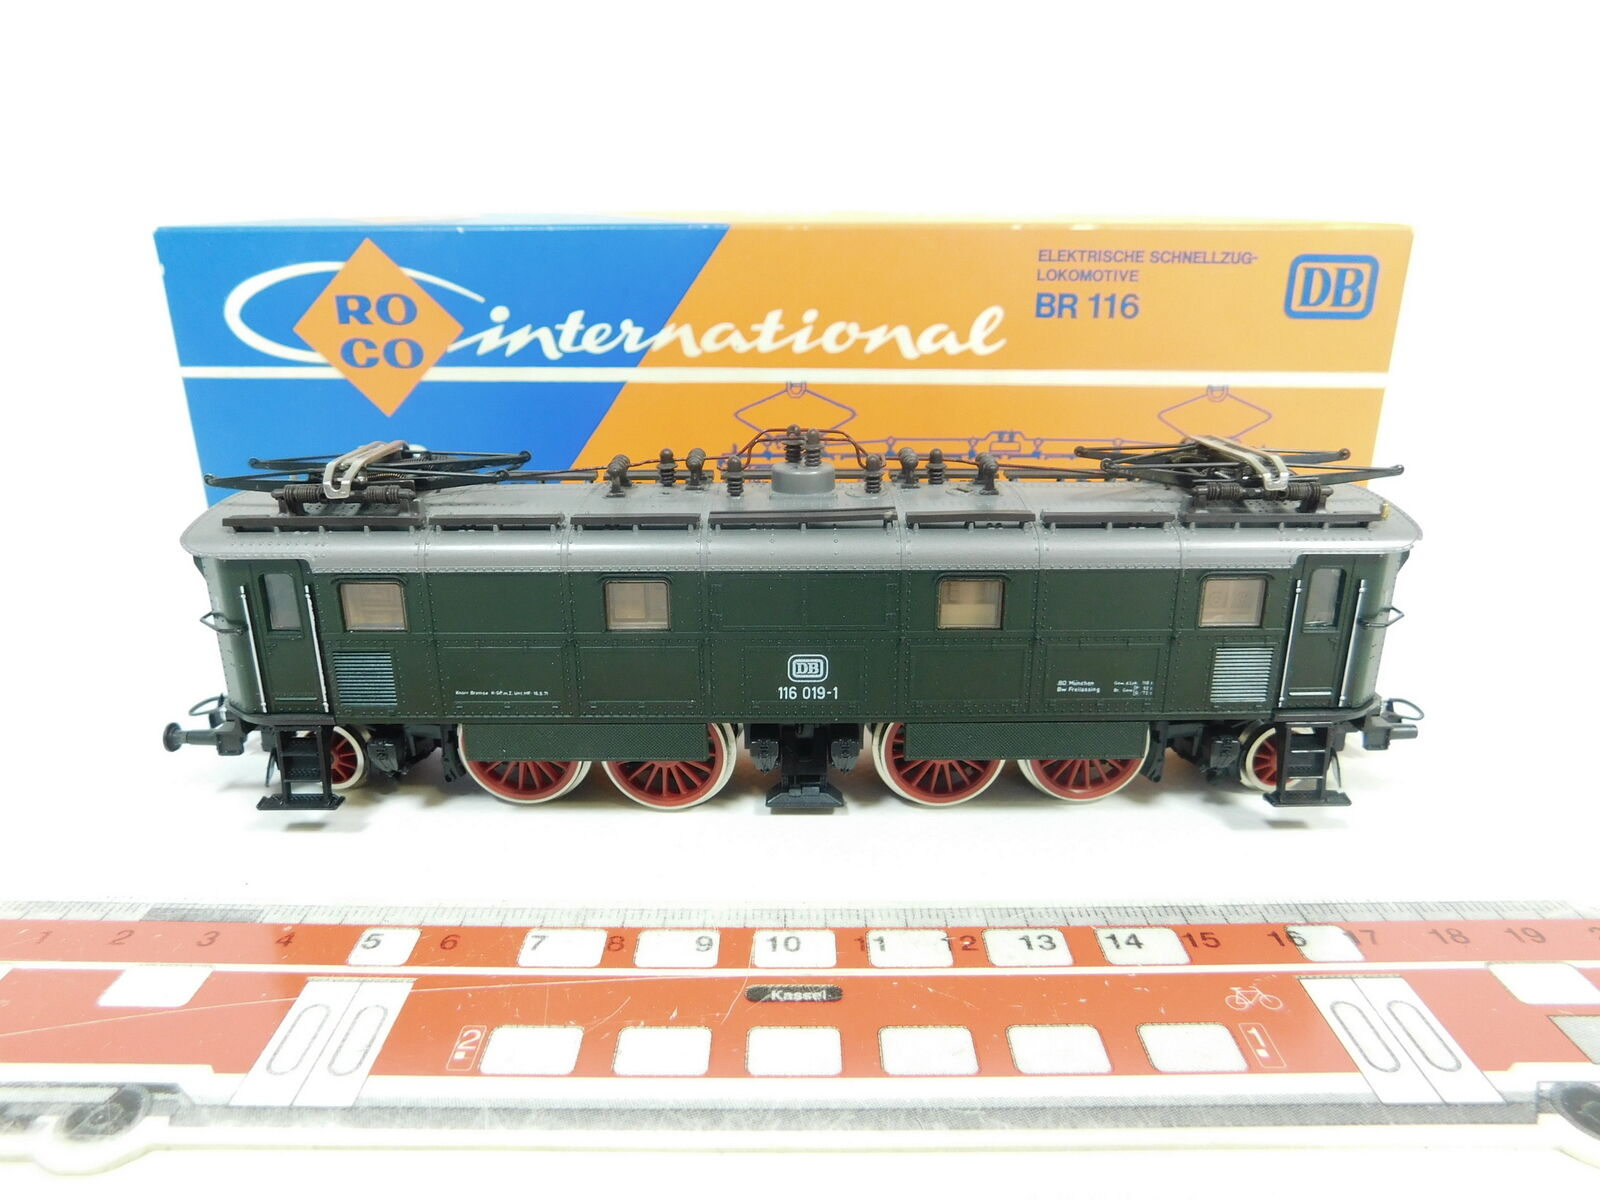 Bd160 -1 Roco H0  DC 4143 Electric Locomotive  E -LOCOMOOTIVE 116 019 -1 dB,